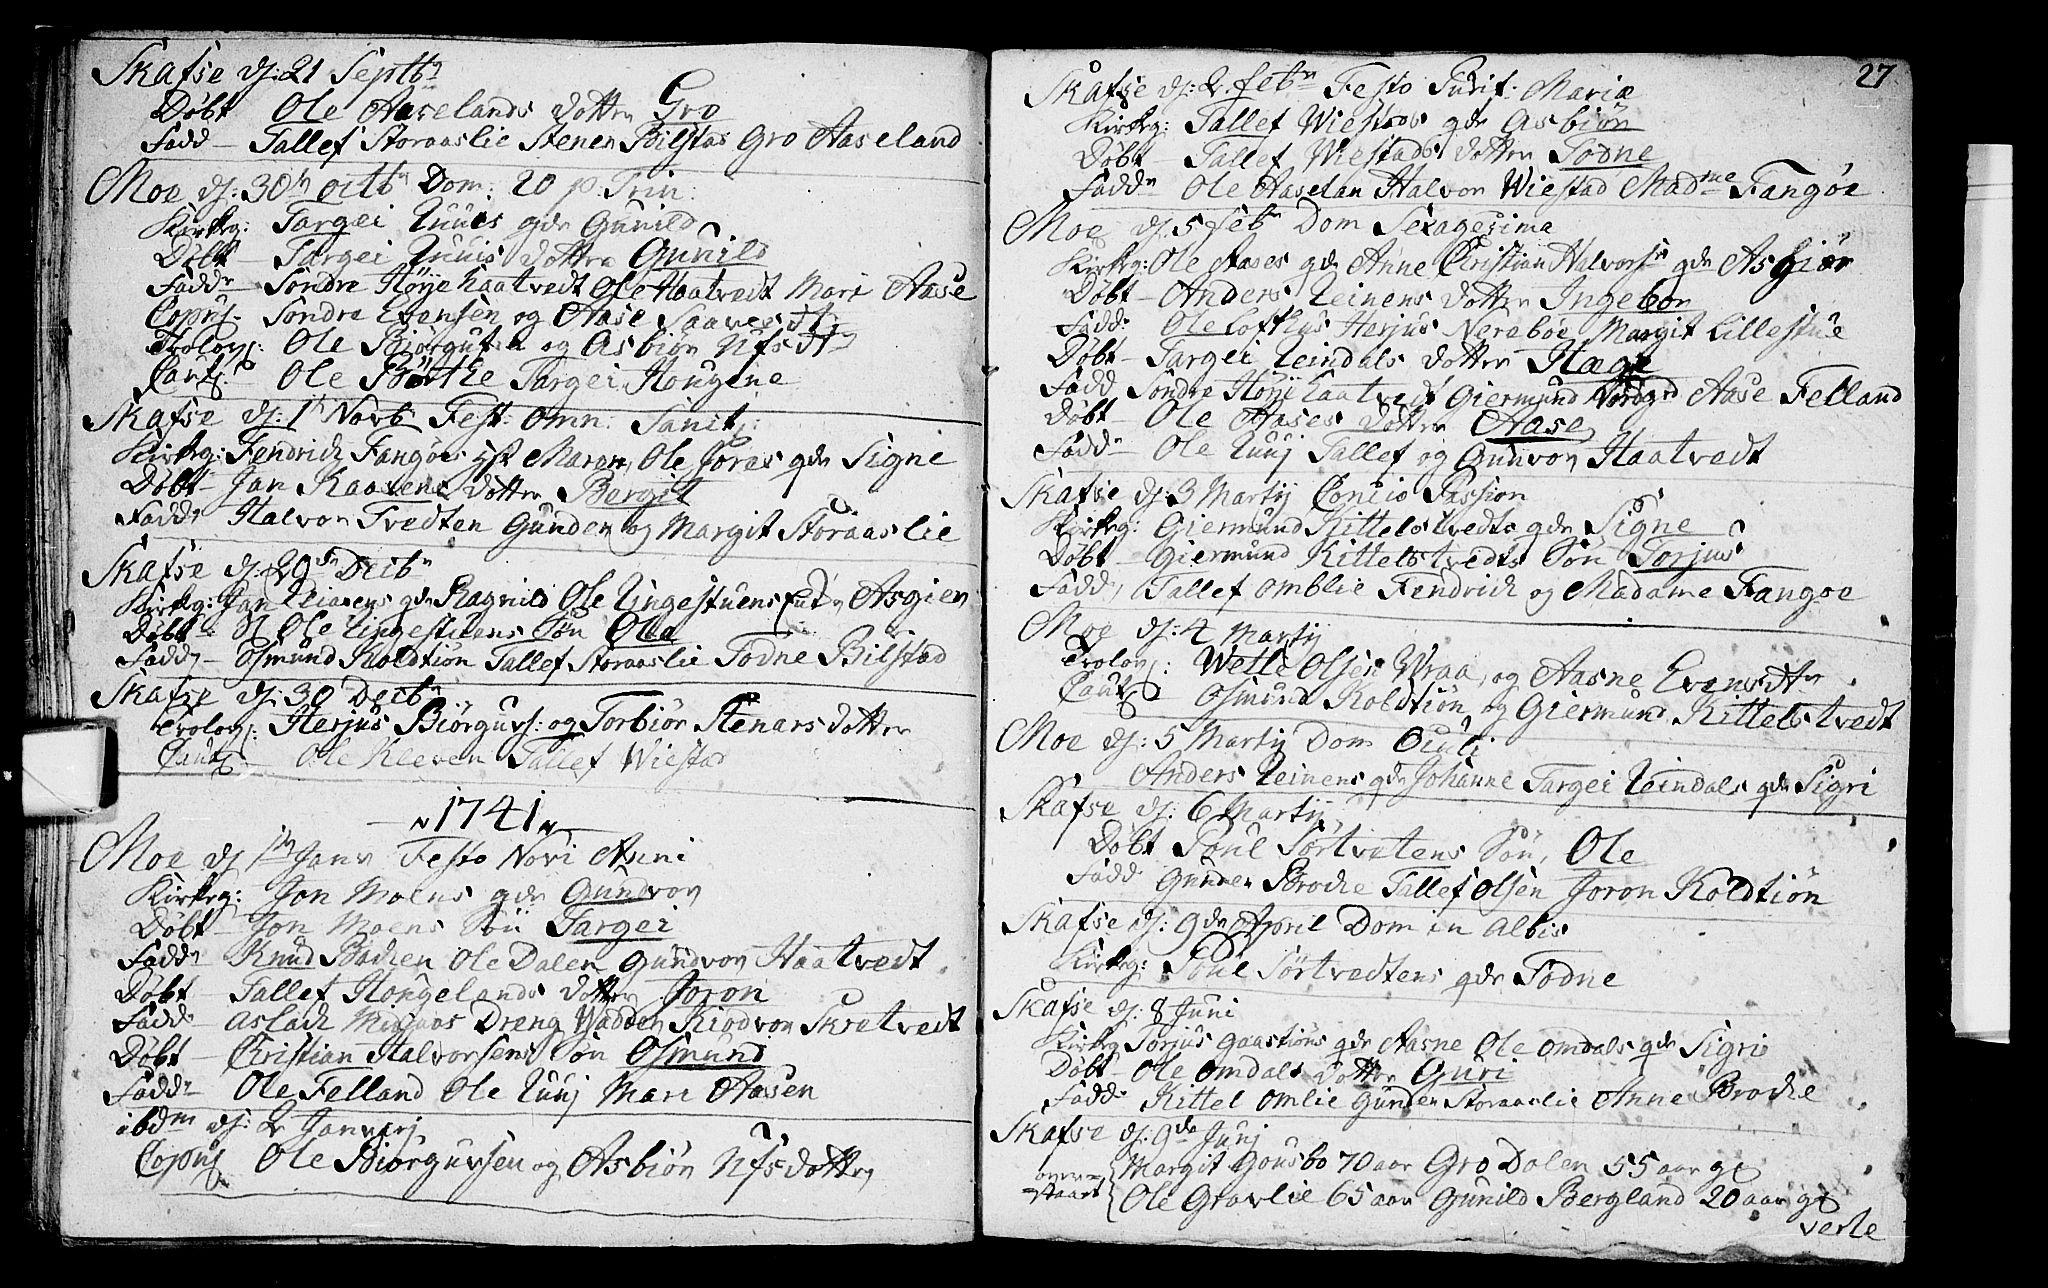 SAKO, Mo kirkebøker, F/Fa/L0001: Ministerialbok nr. I 1, 1724-1748, s. 27